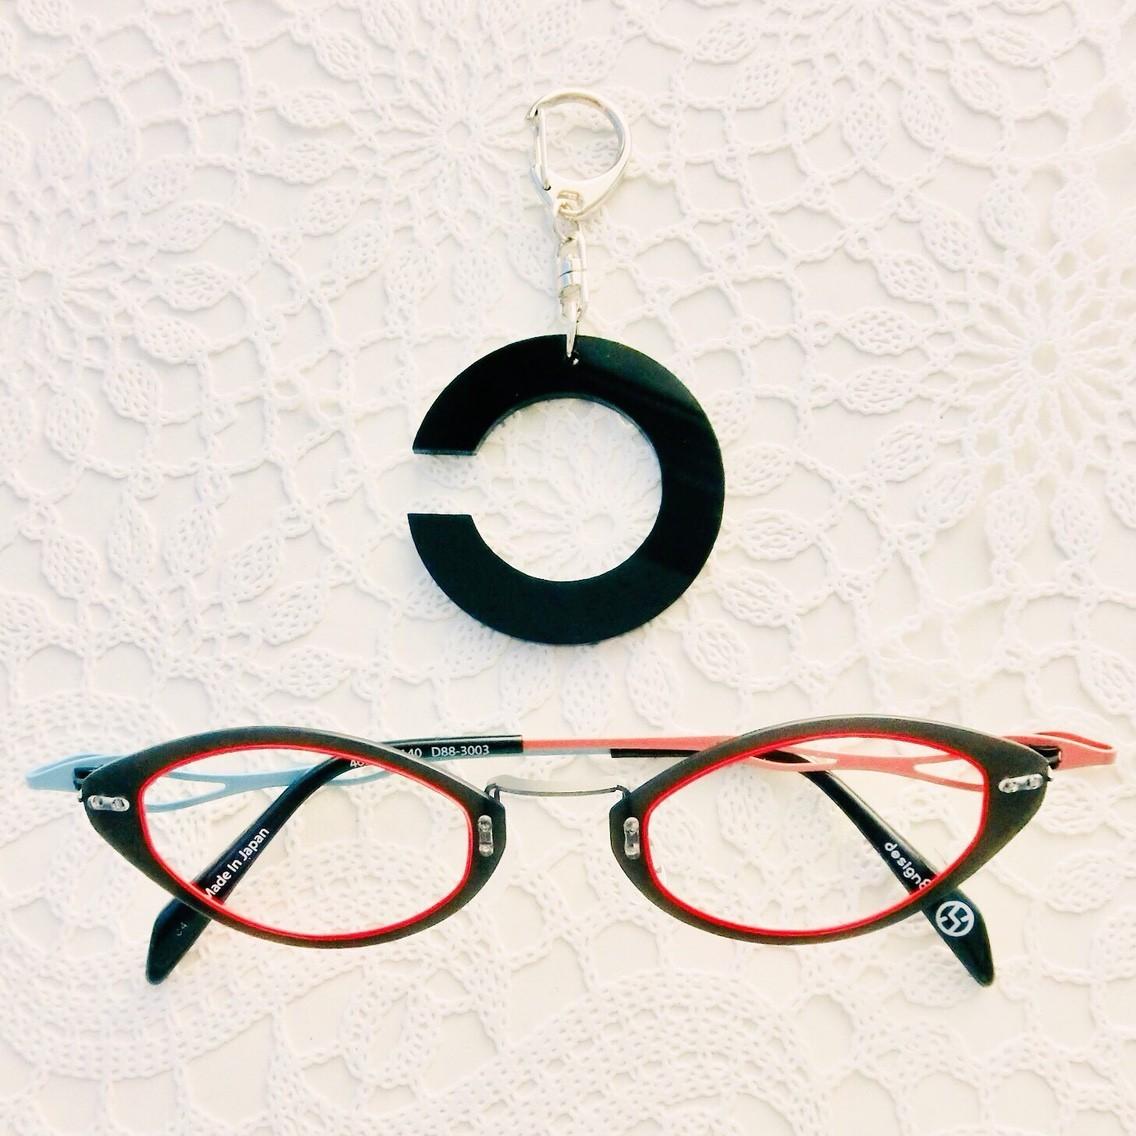 「視力検査のアレ」ランドルト環キーホルダー